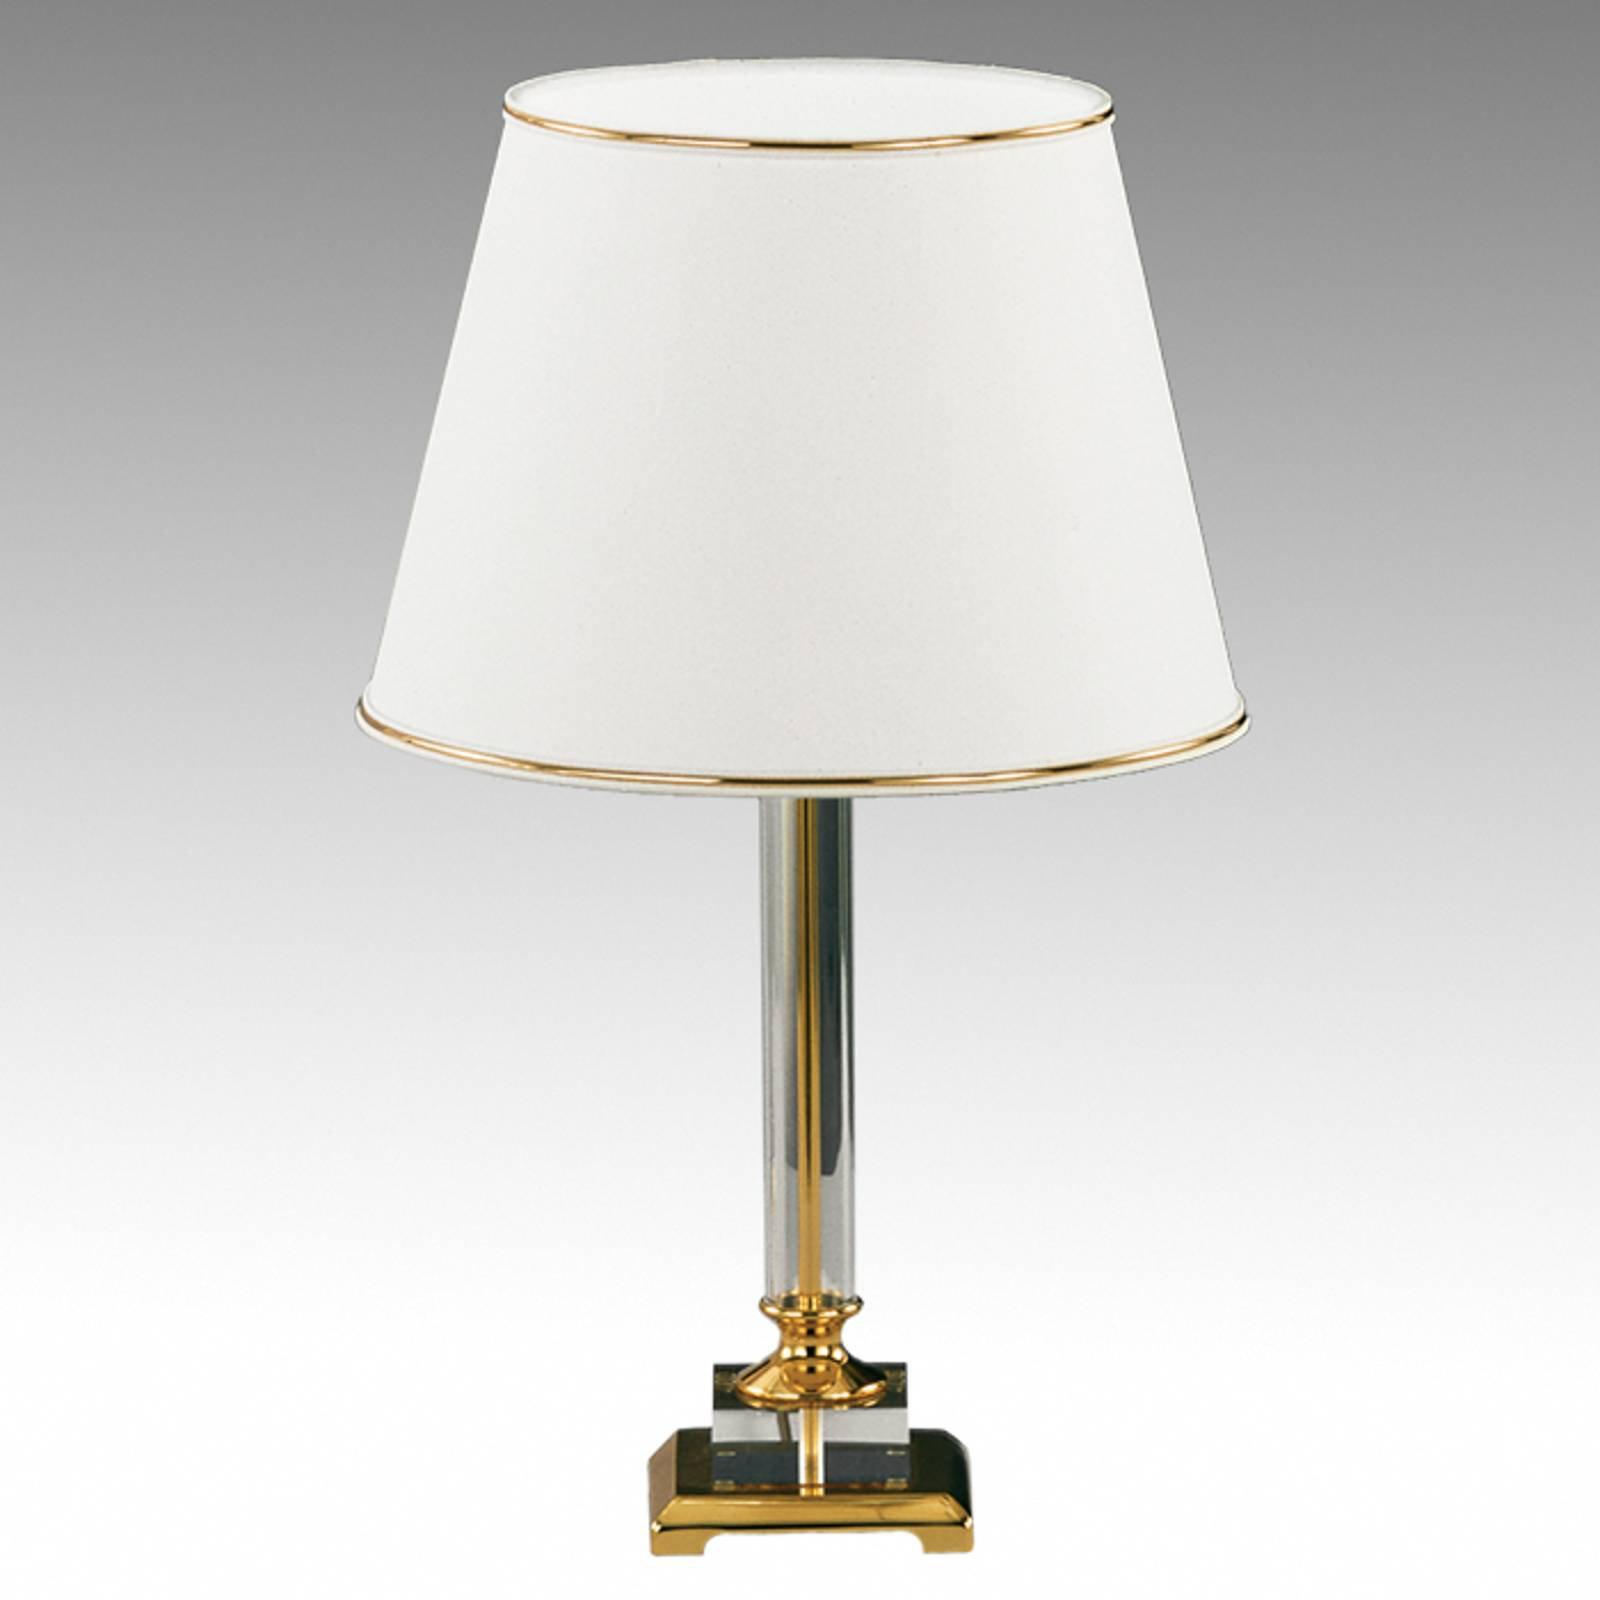 Edel bordlampe Queen fra Knapstein